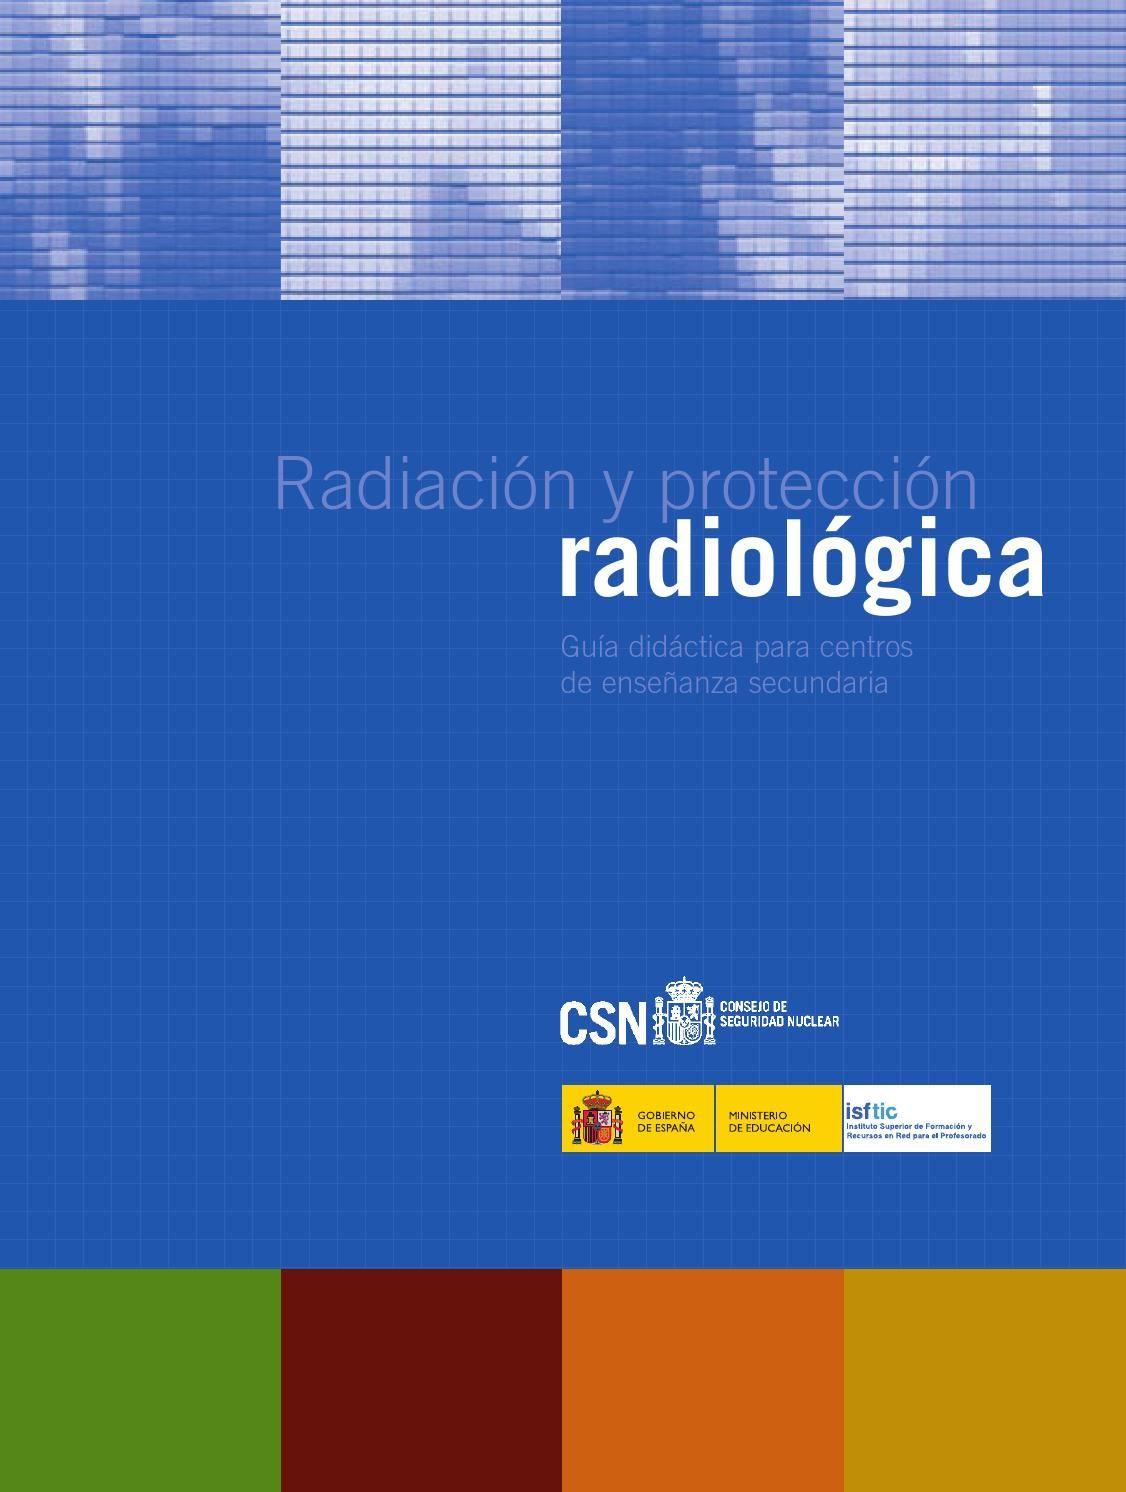 Guia radia web | Protecciones, Libros y Radiología